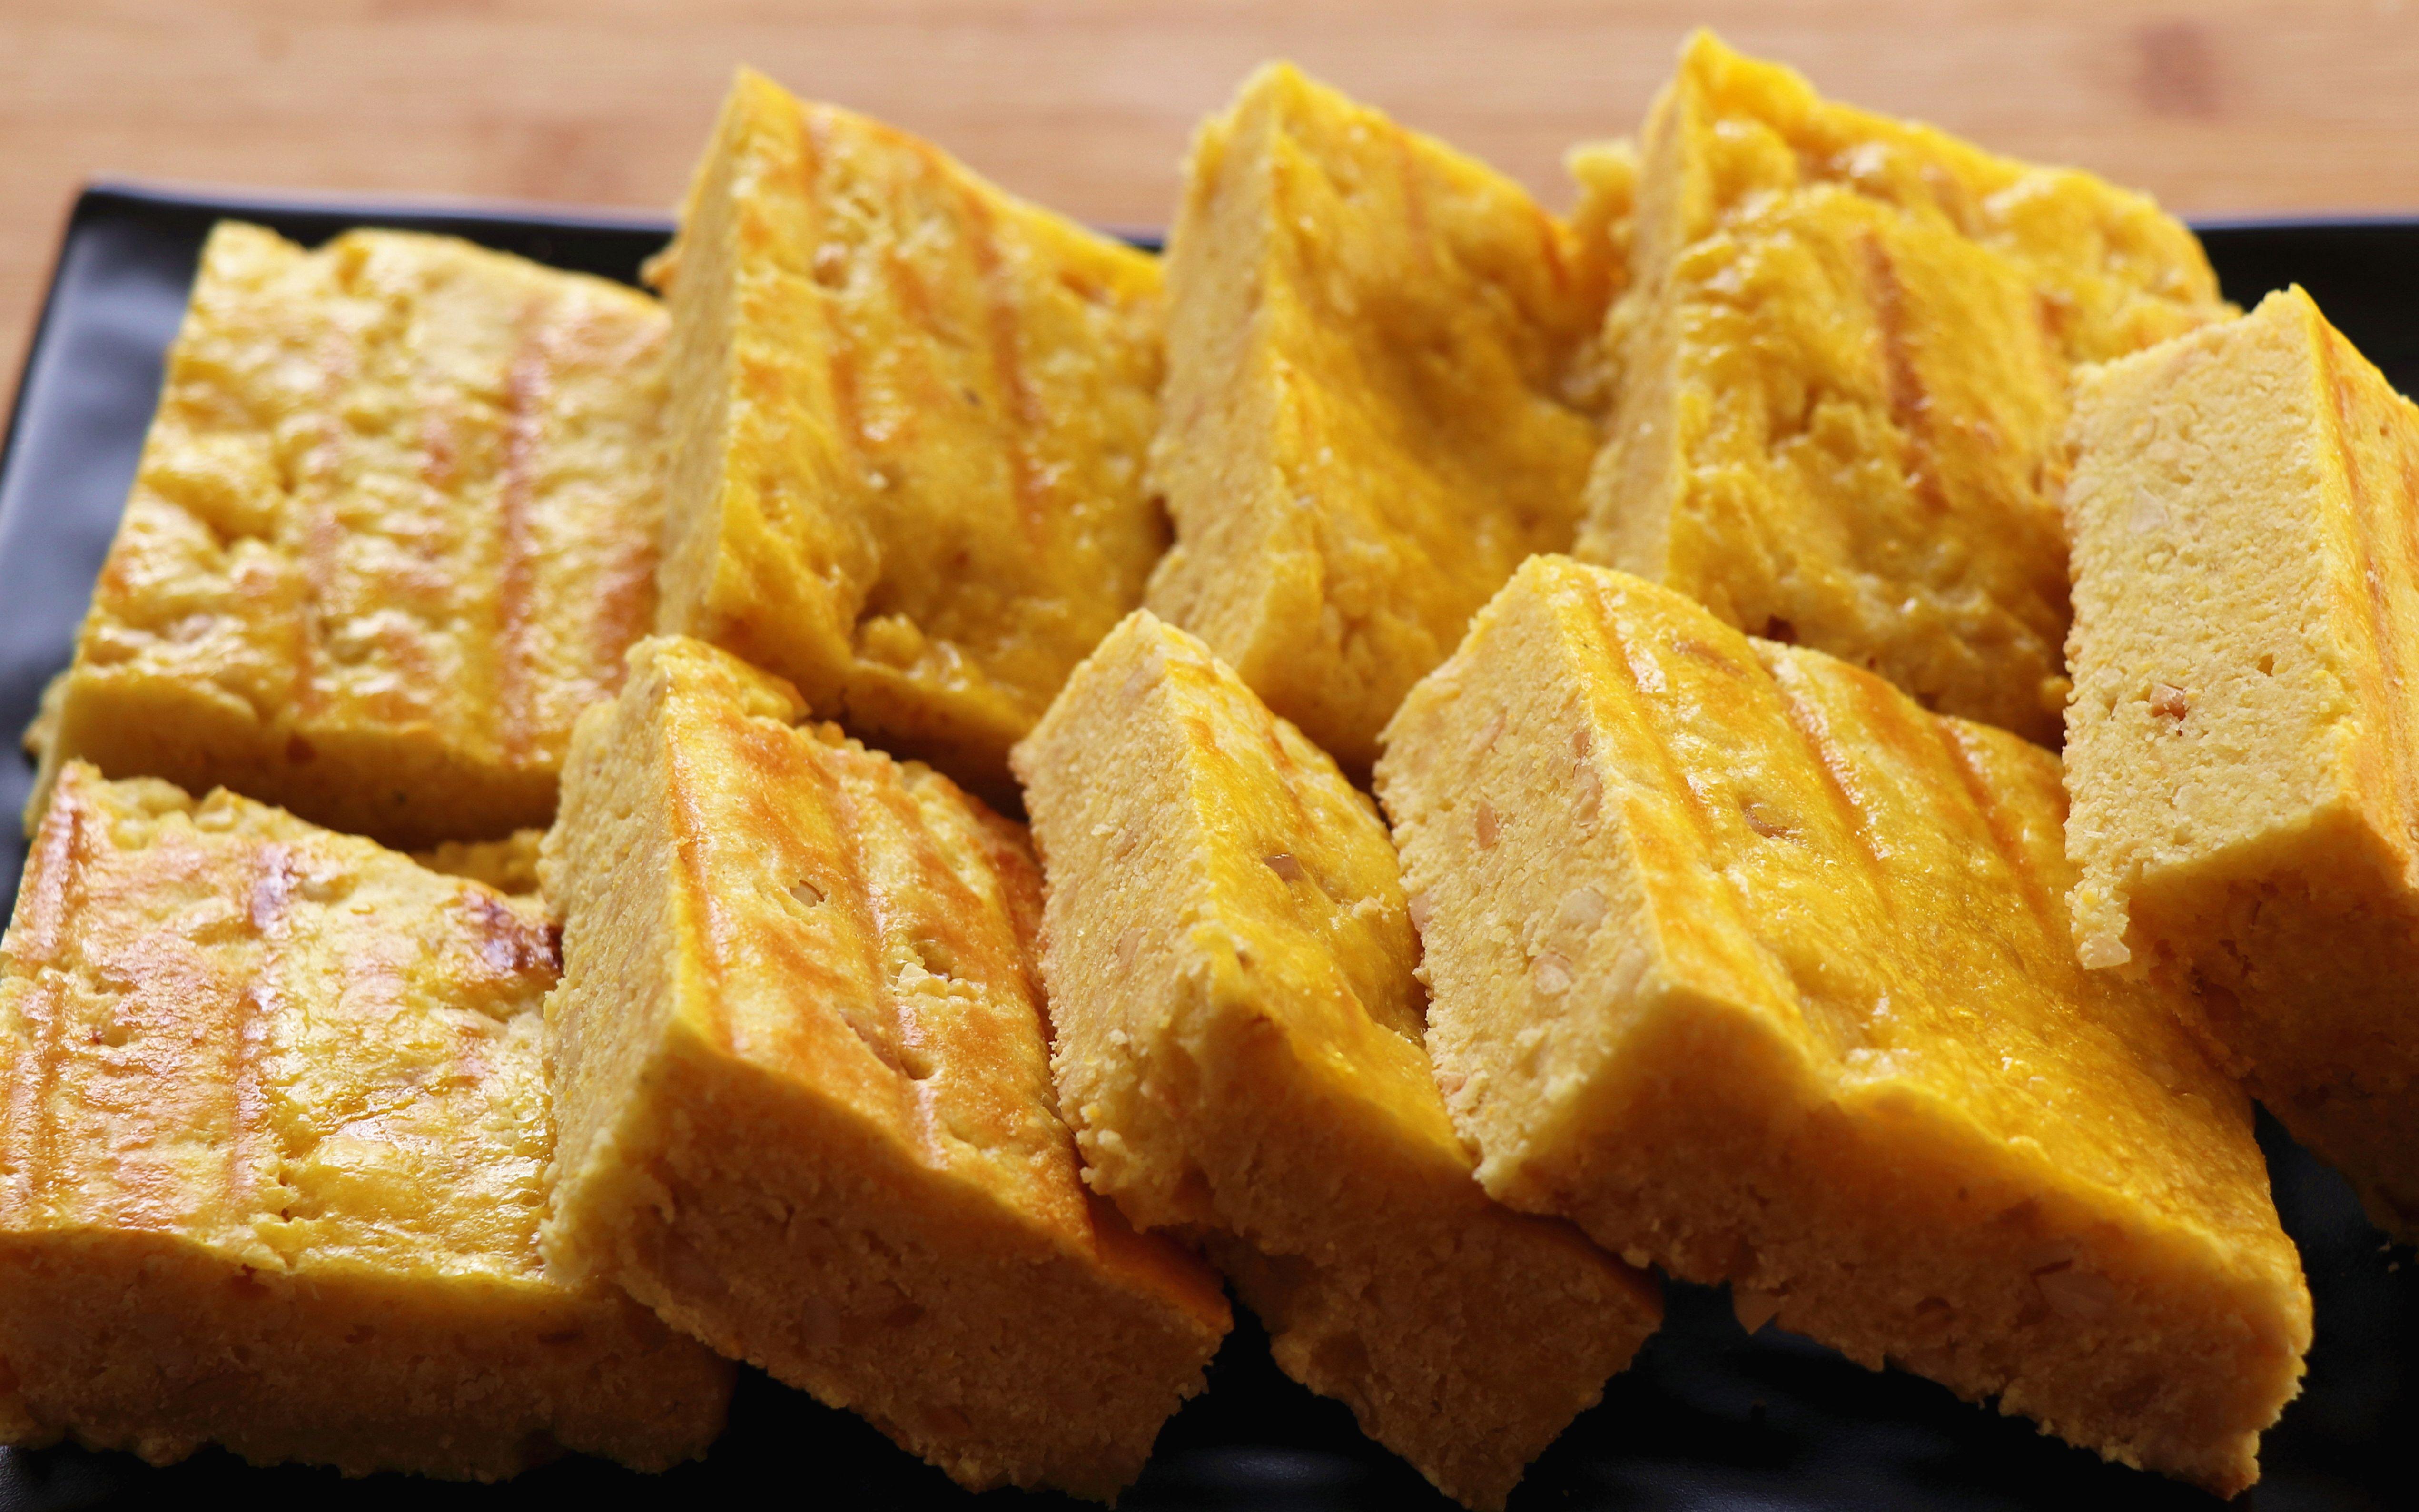 玉米面试试这样做,口感酥松,香味十足,既能当主食,也能做糕点【杂粮松饼】